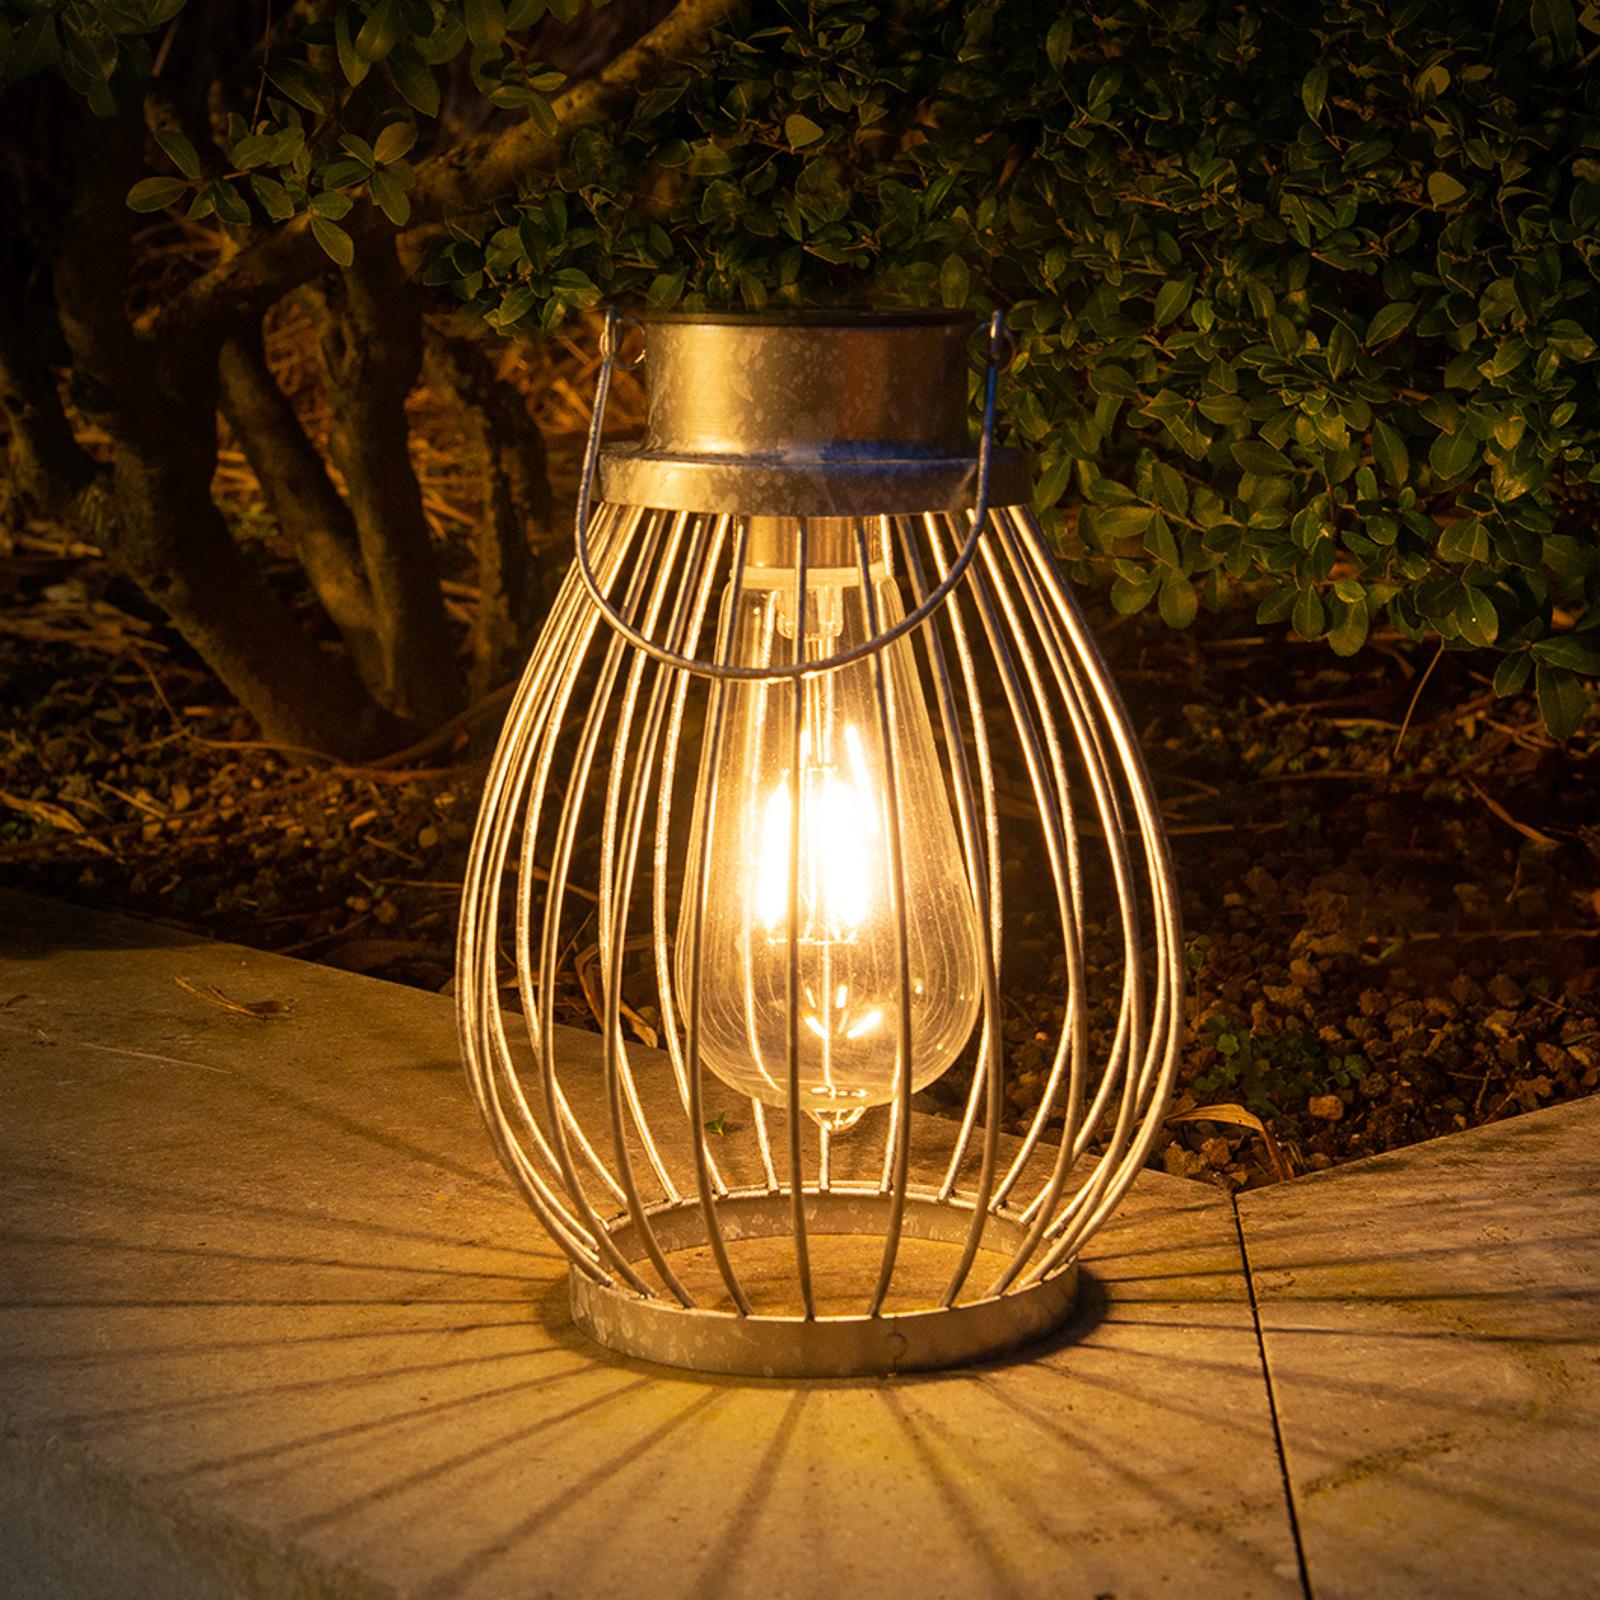 Farol solar decorativo LED 5249859